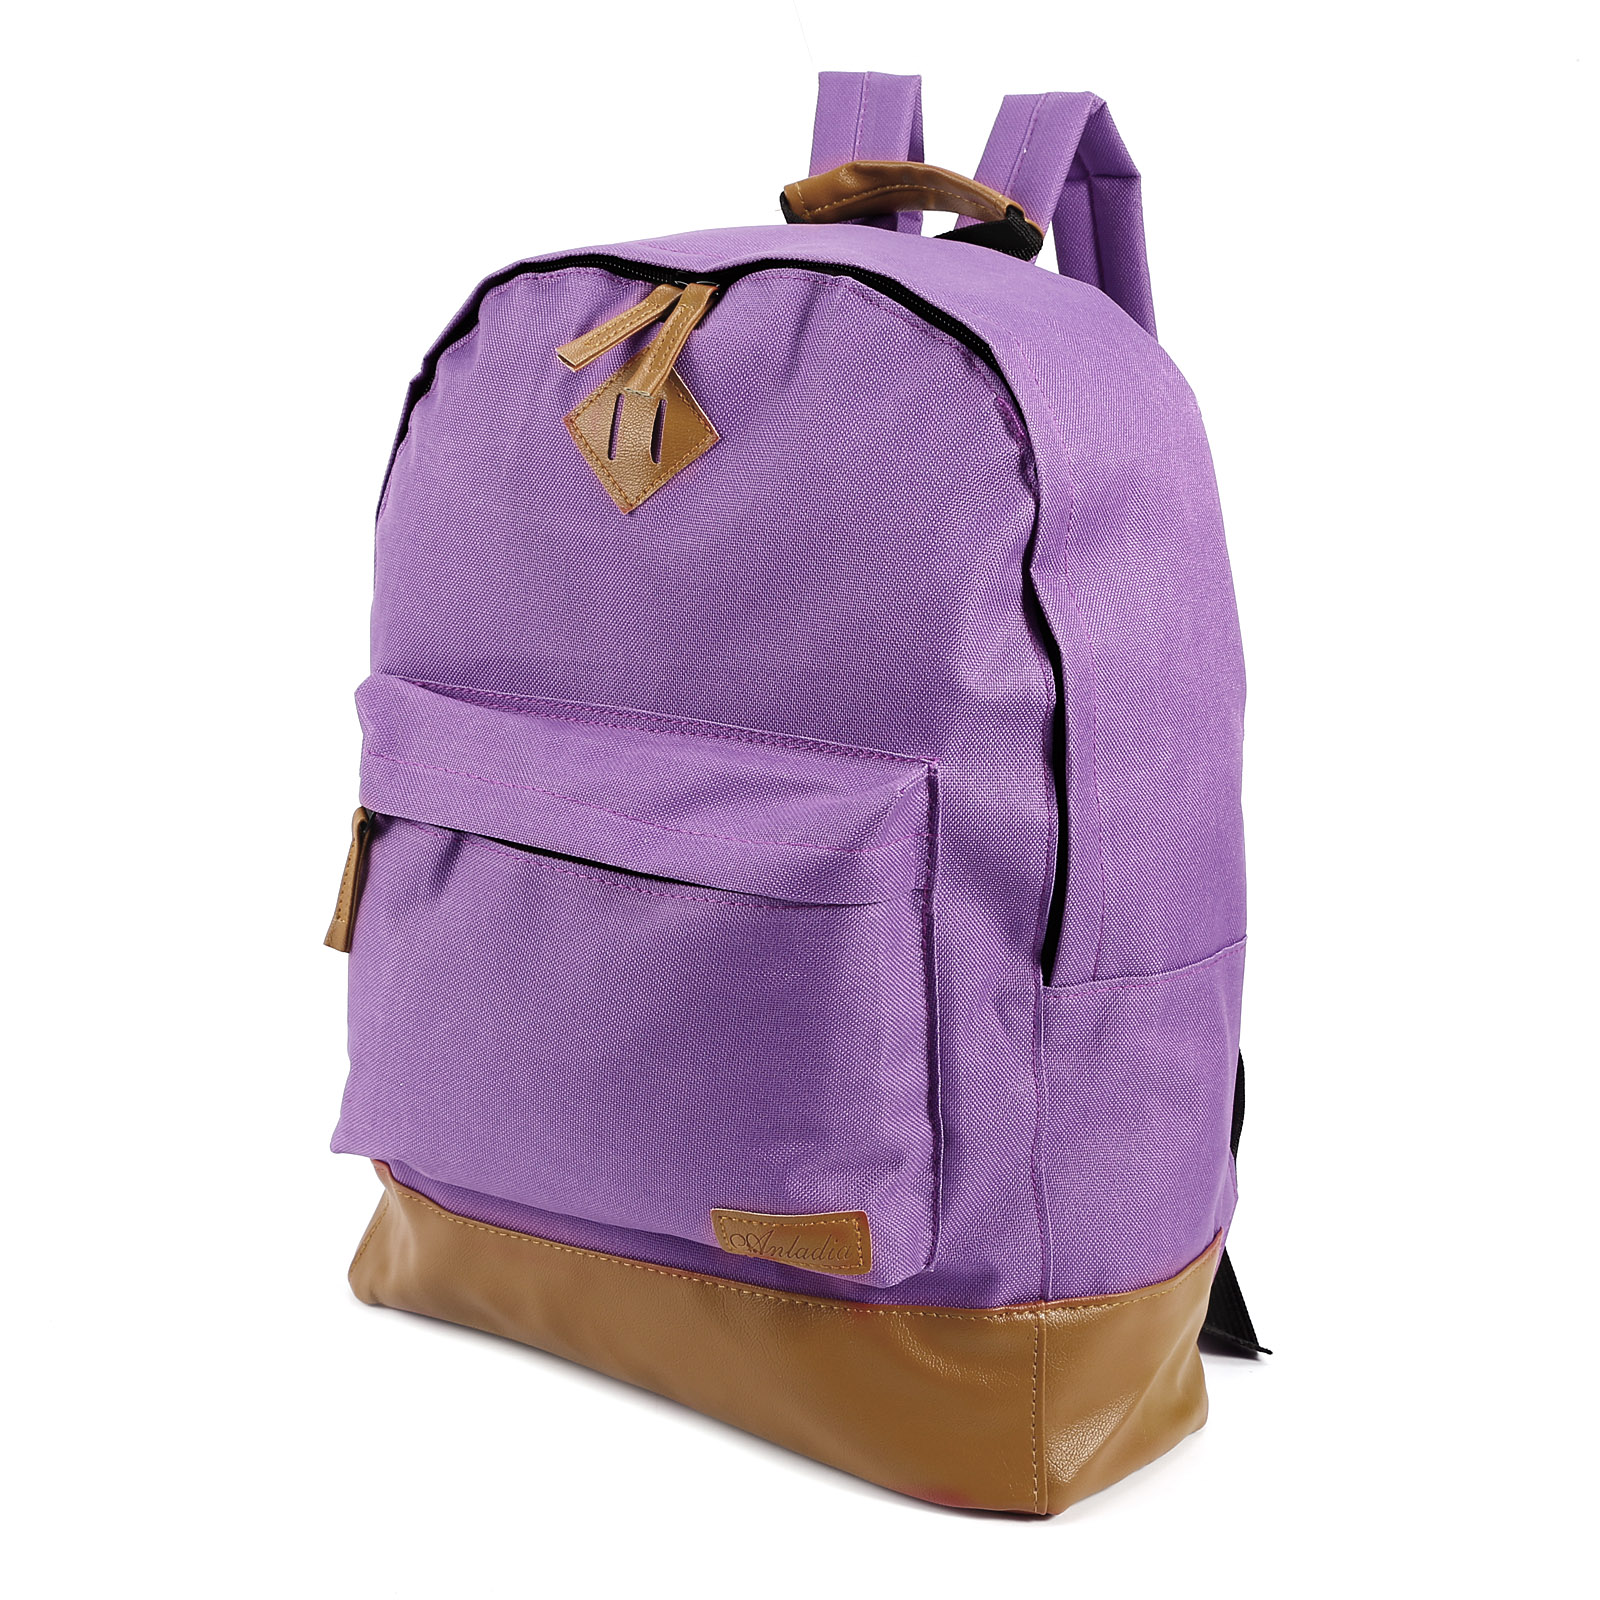 canvas rucksack backpack schultertasche umh ngetasche. Black Bedroom Furniture Sets. Home Design Ideas